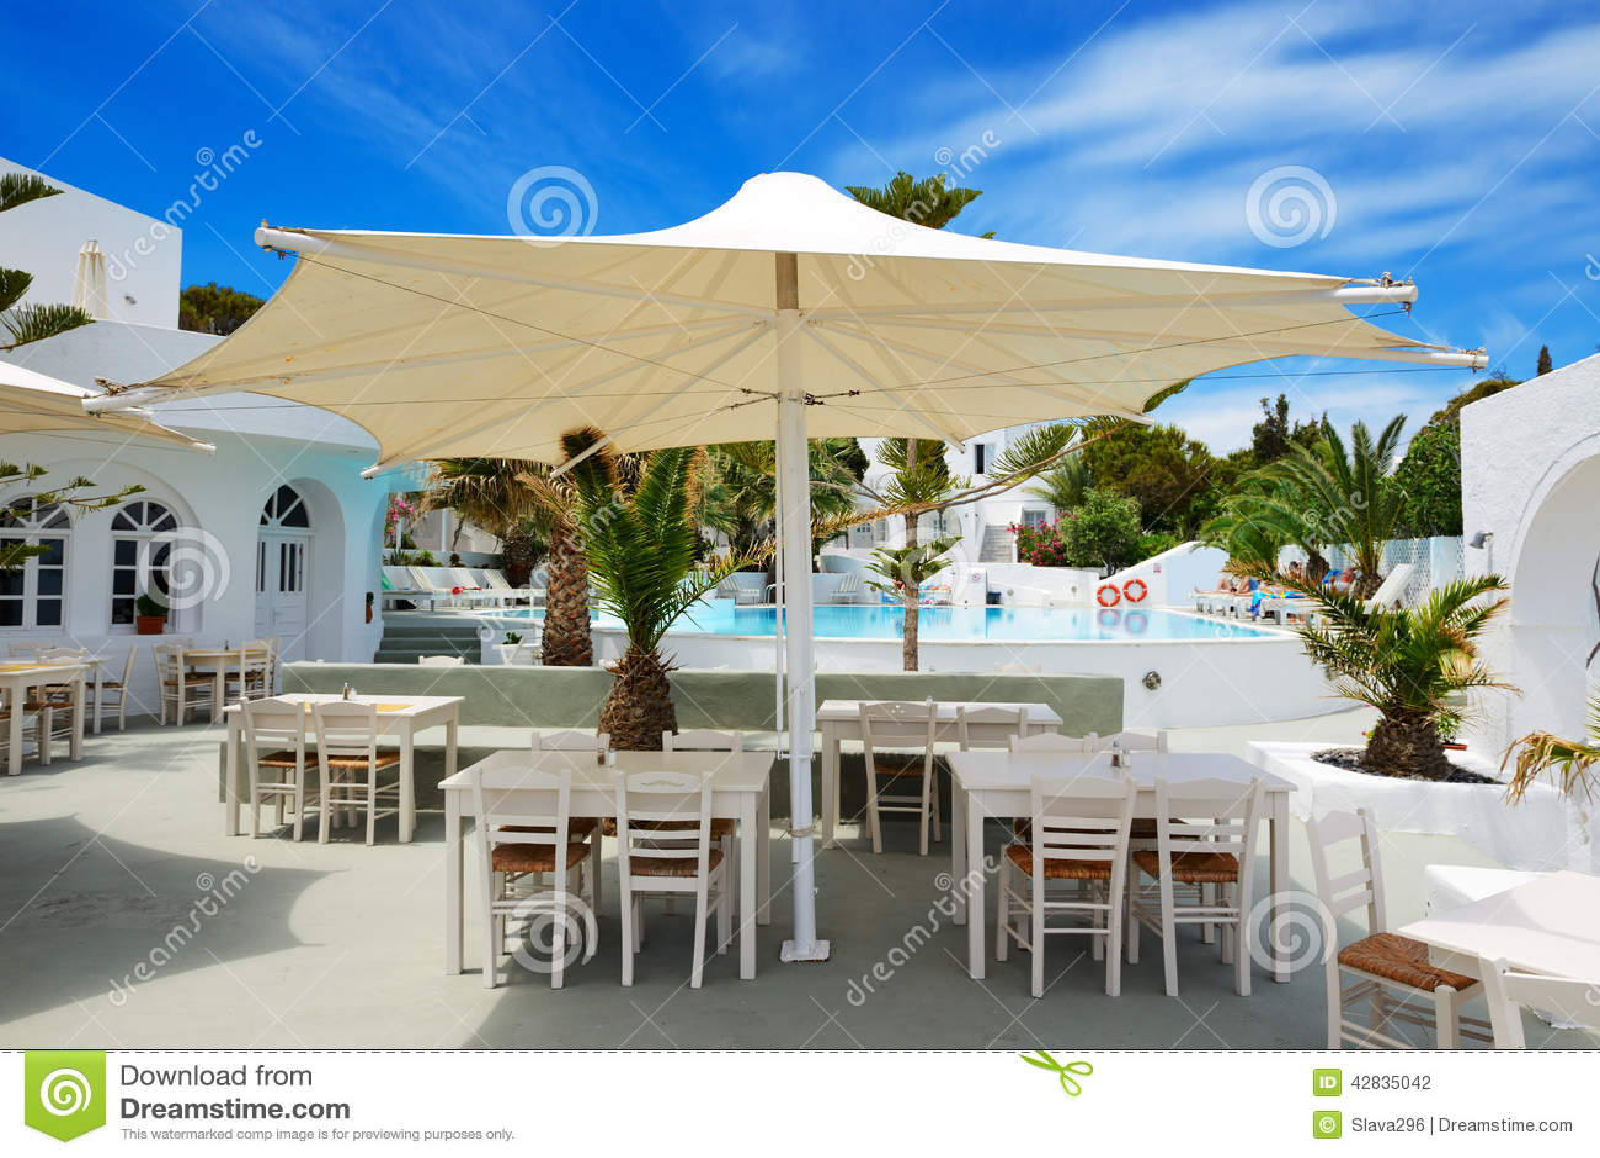 Il ristorante all 39 aperto vicino alla piscina all 39 albergo for Ristorante in baita vicino a me